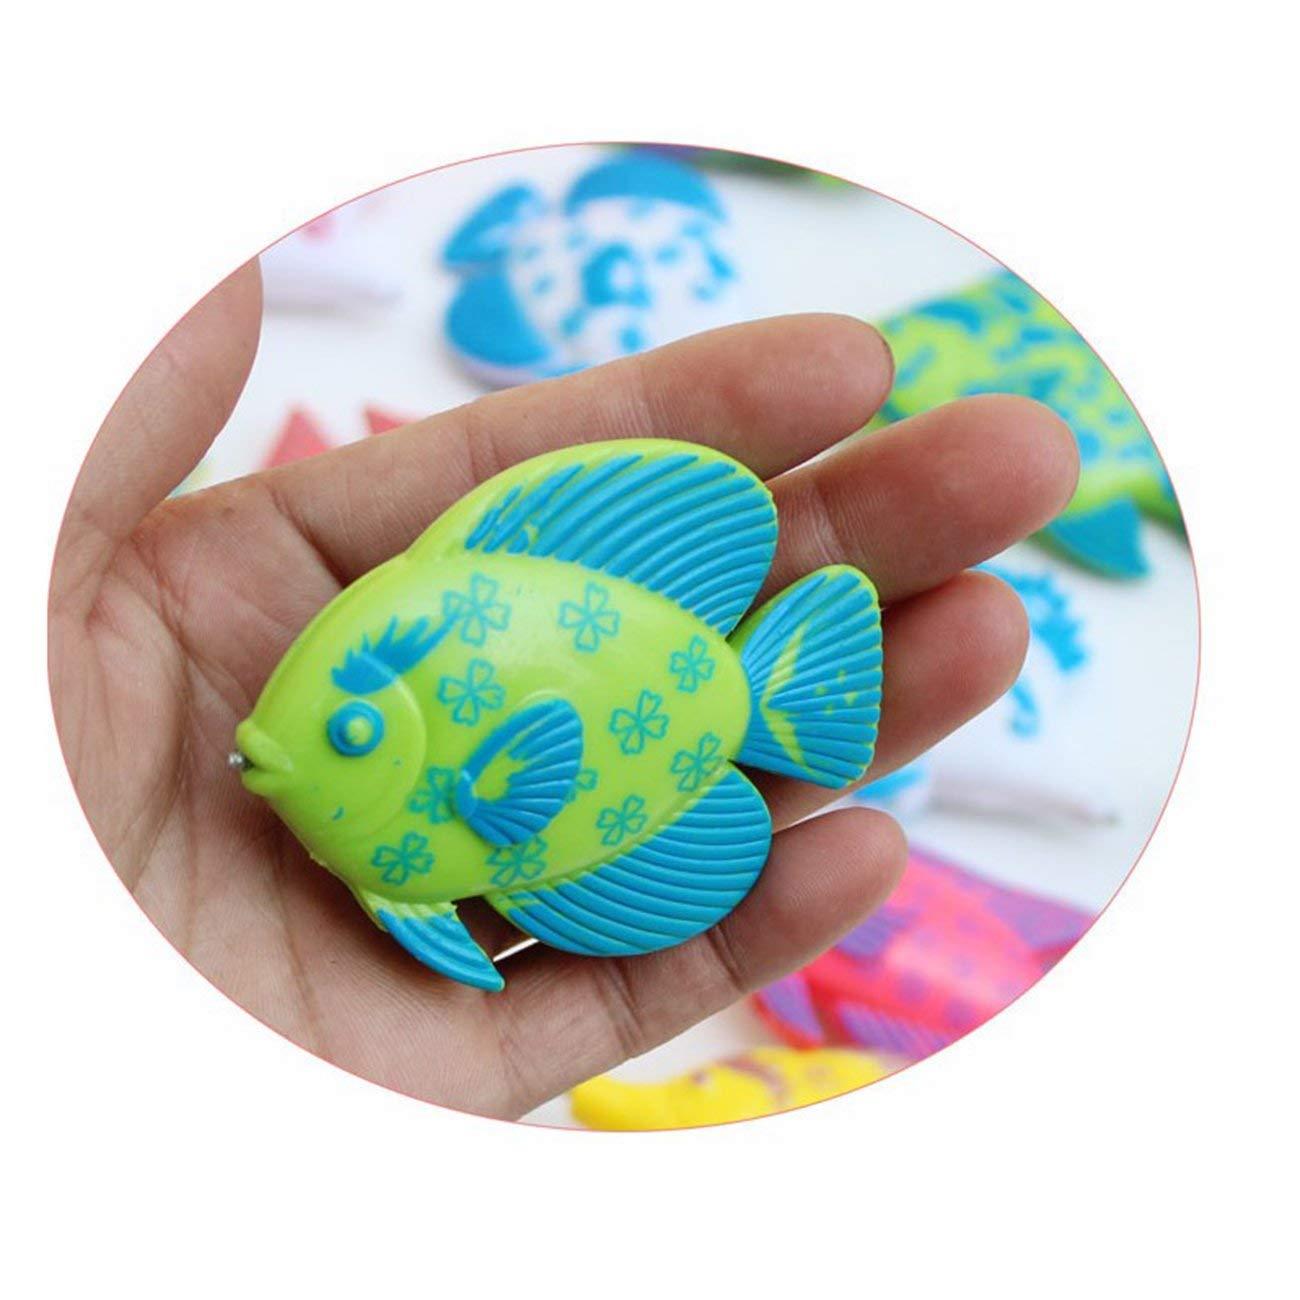 Socialism Creativo Juego de Juguetes de Pesca magn/ética de 7 Piezas Pesca Aprendizaje Educativo Juego de Juego Juego de Pesca Juguetes para ni/ños y ni/ñas-Multicolor-1